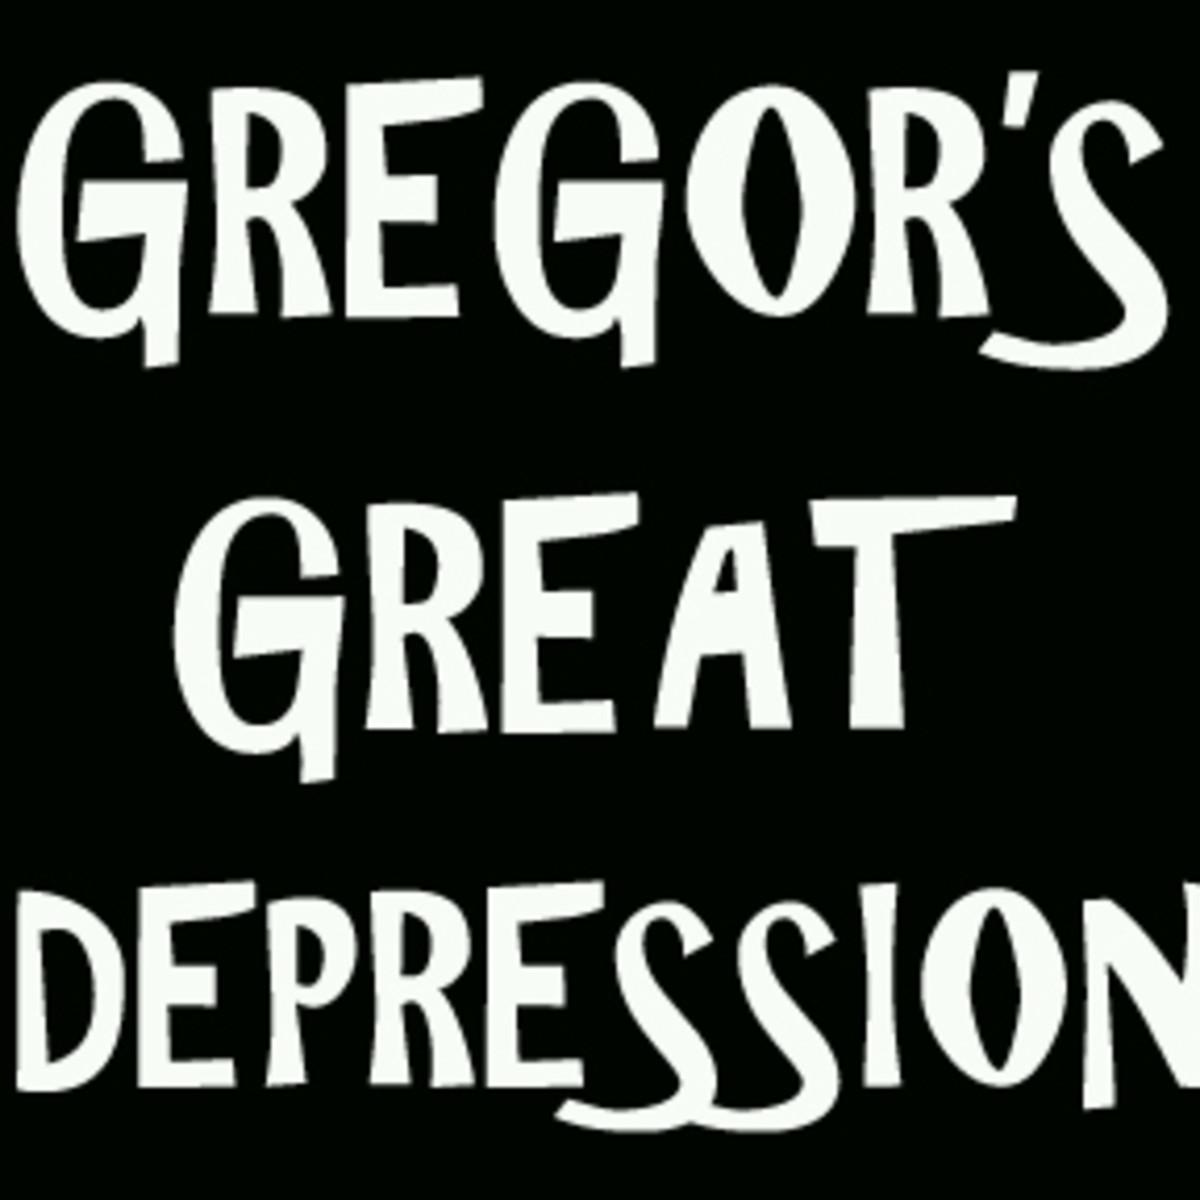 franz-kafkas-the-metamorphosis-gregors-mental-illness-and-the-prejudice-of-his-depression